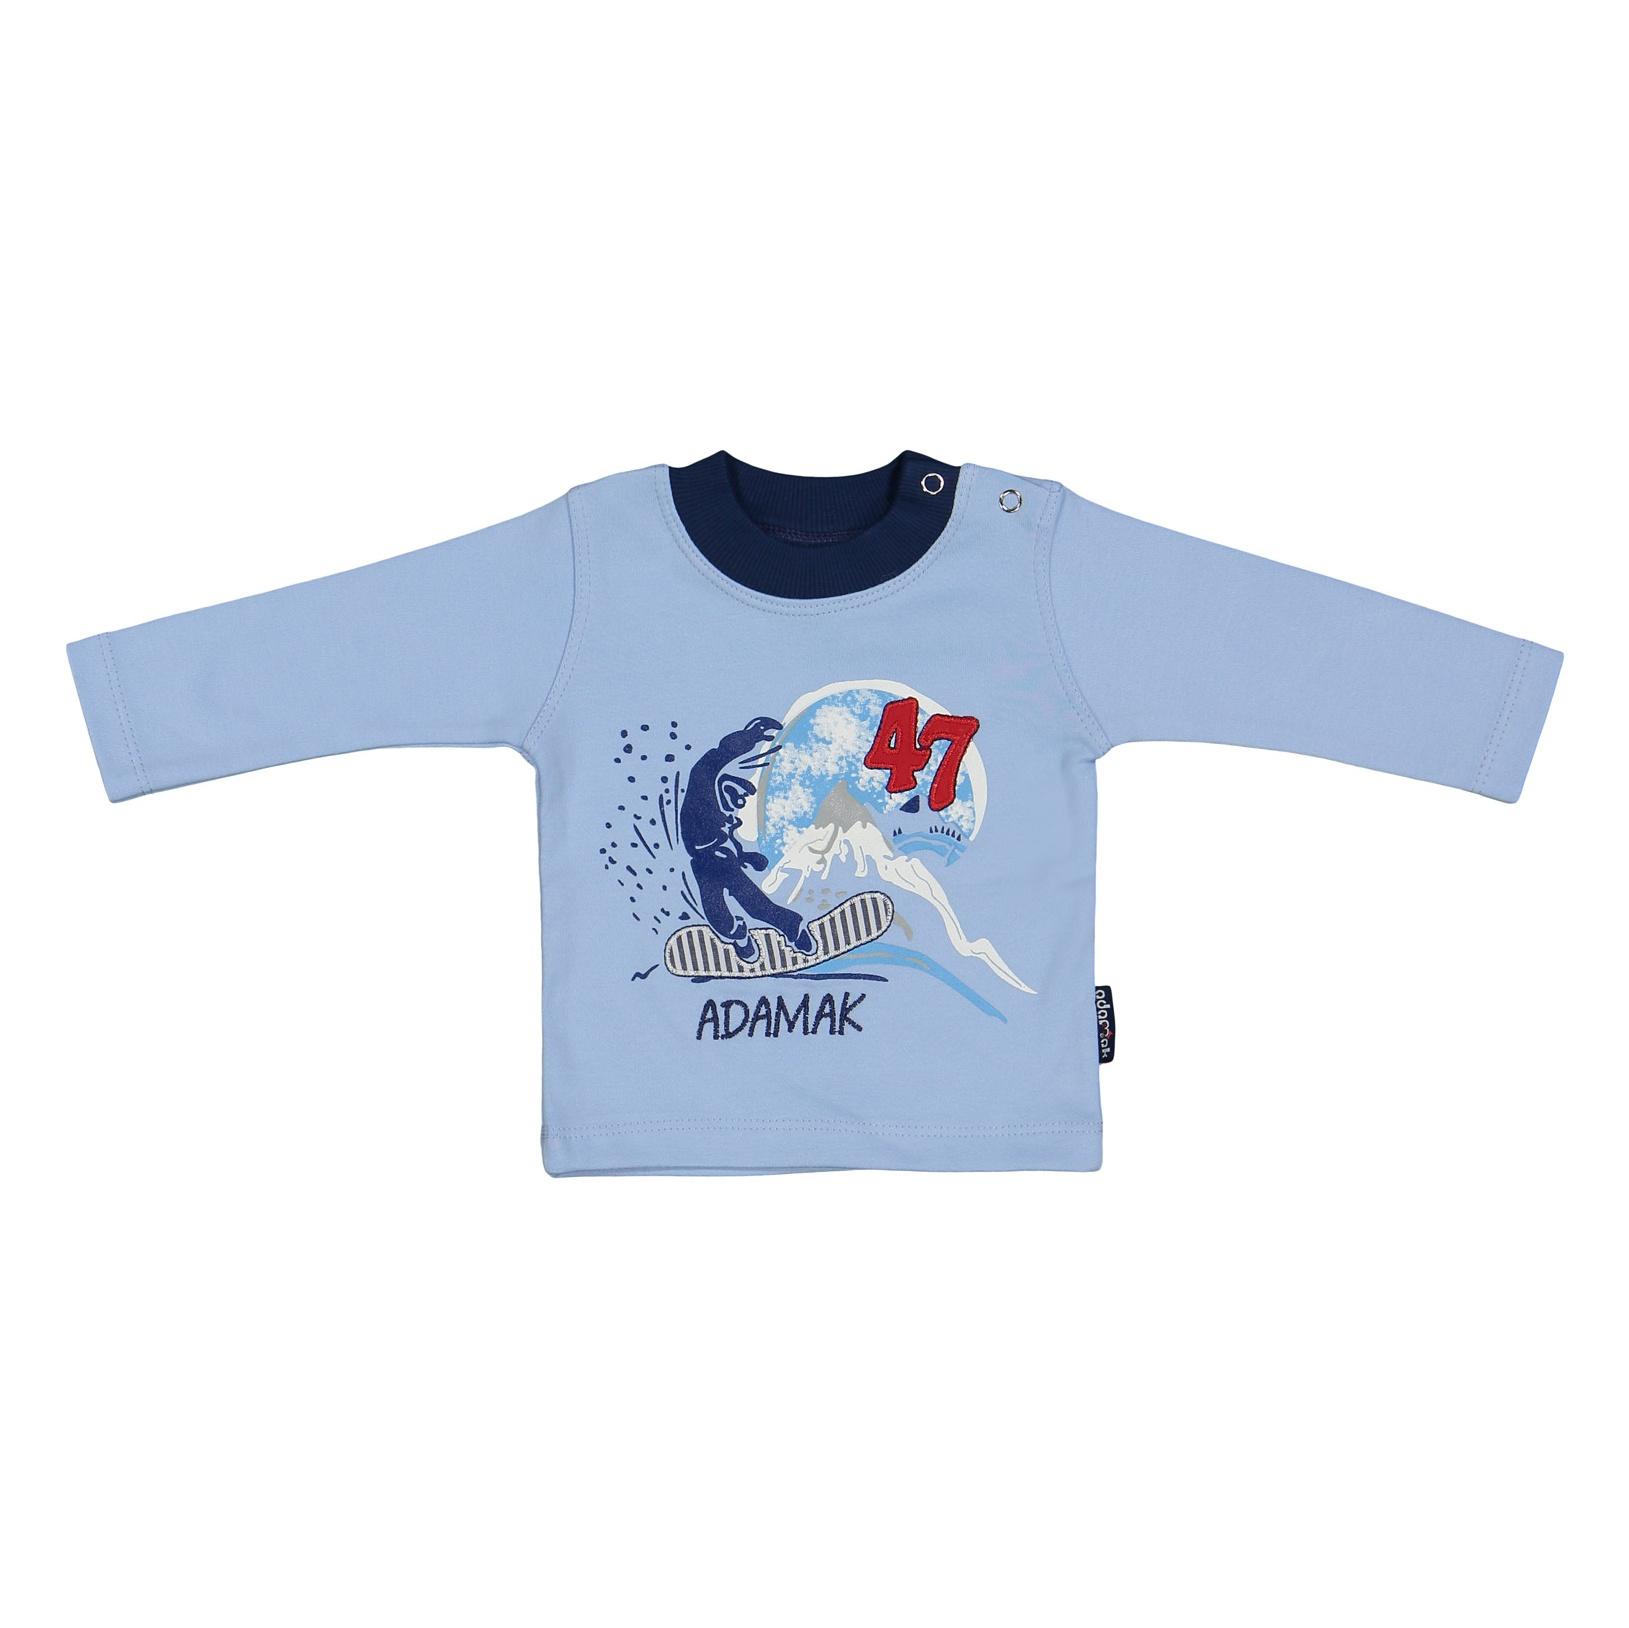 ست تی شرت و شلوار نوزادی پسرانه آدمک مدل 2171100-50